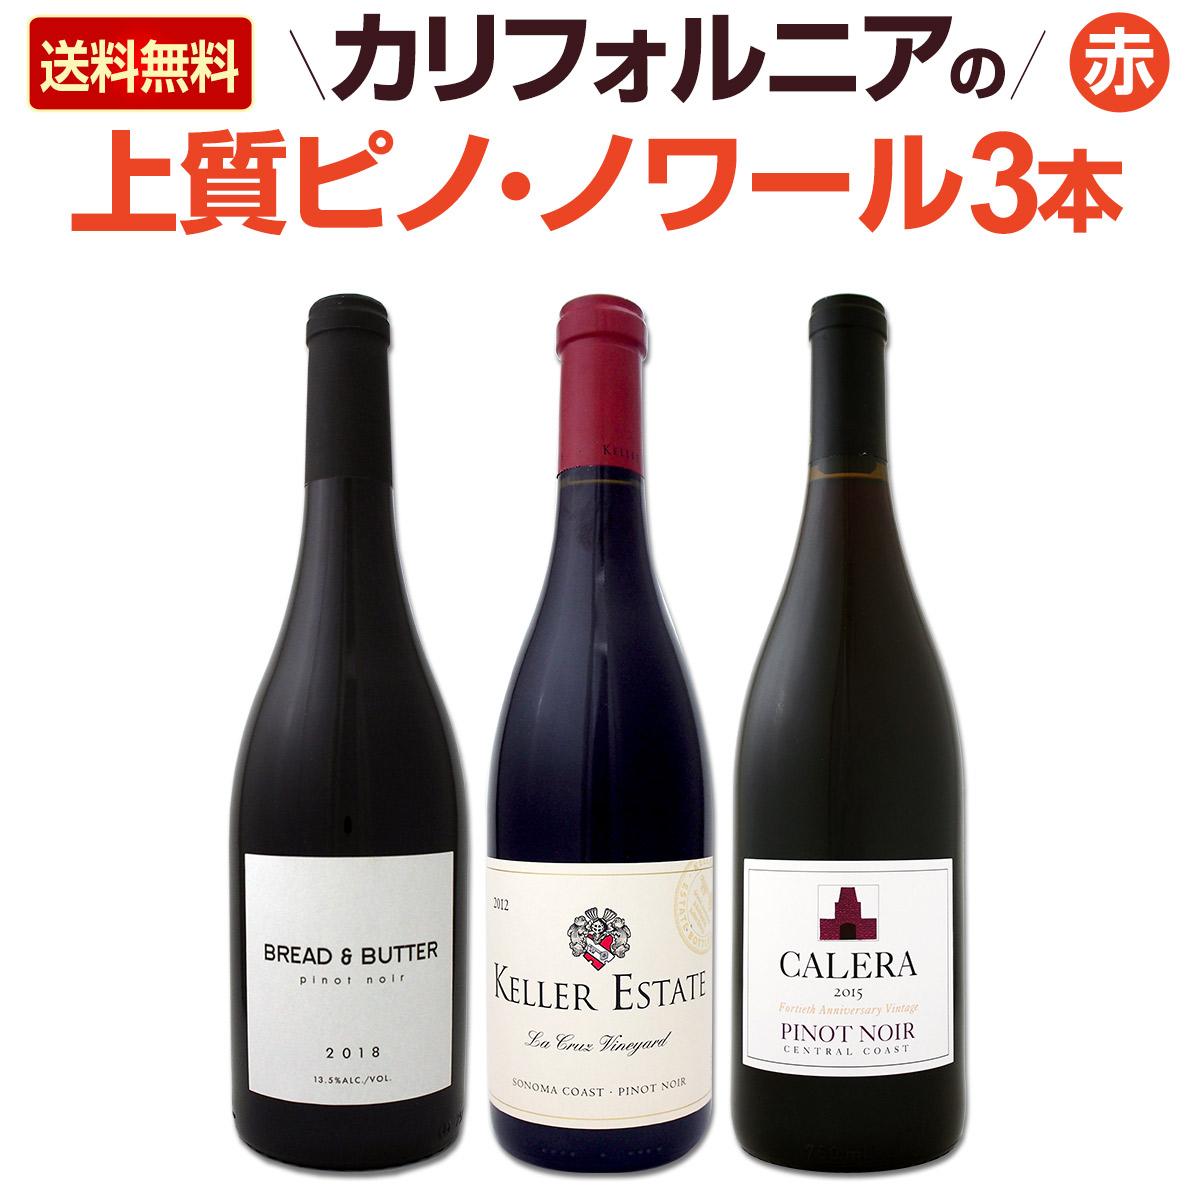 【送料無料】ピノ好き必見!カリフォルニアの上質ピノ・ノワール3本セット!ワイン ワインセット セット 赤ワインセット 赤ワイン 赤 飲み比べ 送料無料 ギフト プレゼント 750ml